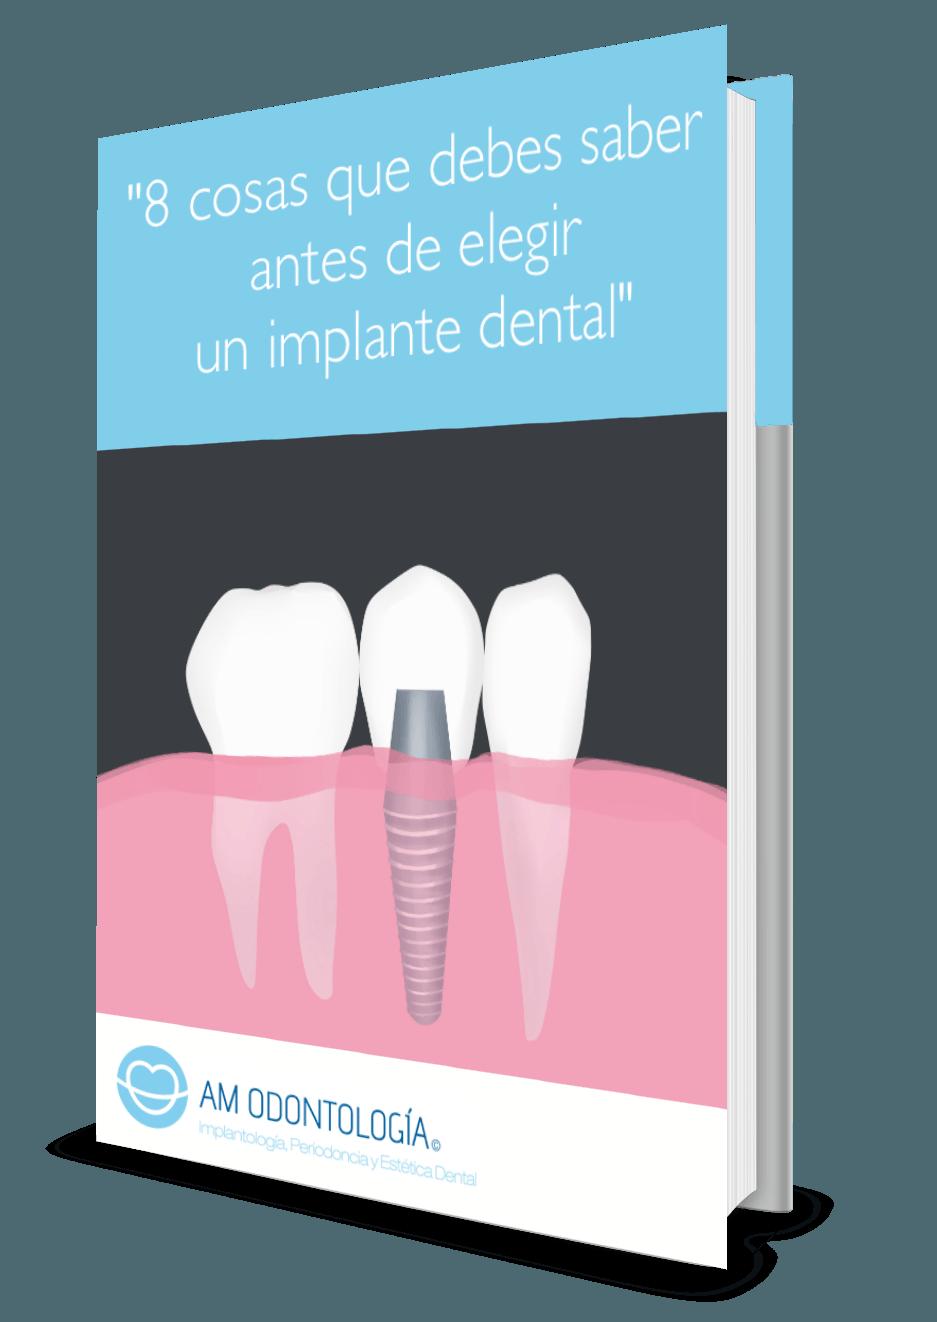 Guia sobre implante dental